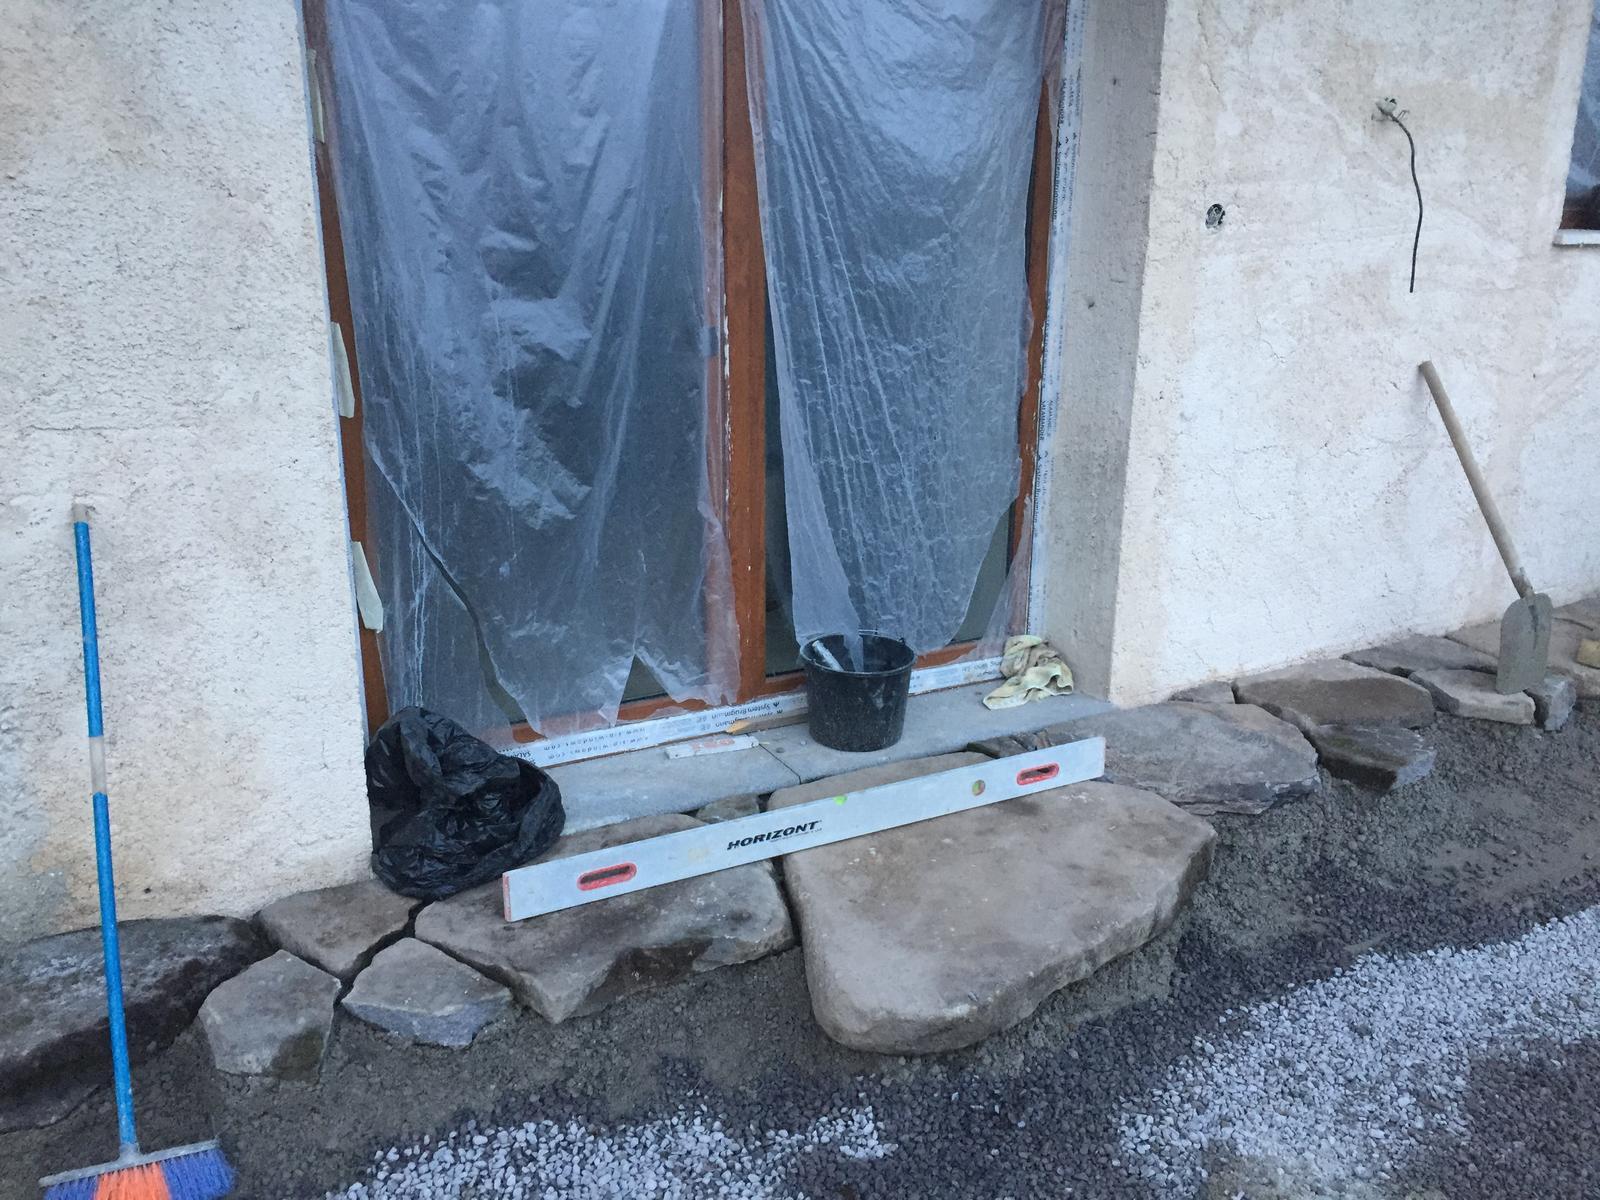 HACIENDA NAPOLI SEBECHLEBY - Tento mini kamen je ceresnicka na torte.davali sme ju tam unc strojom.nas odhad vahy do 200kg